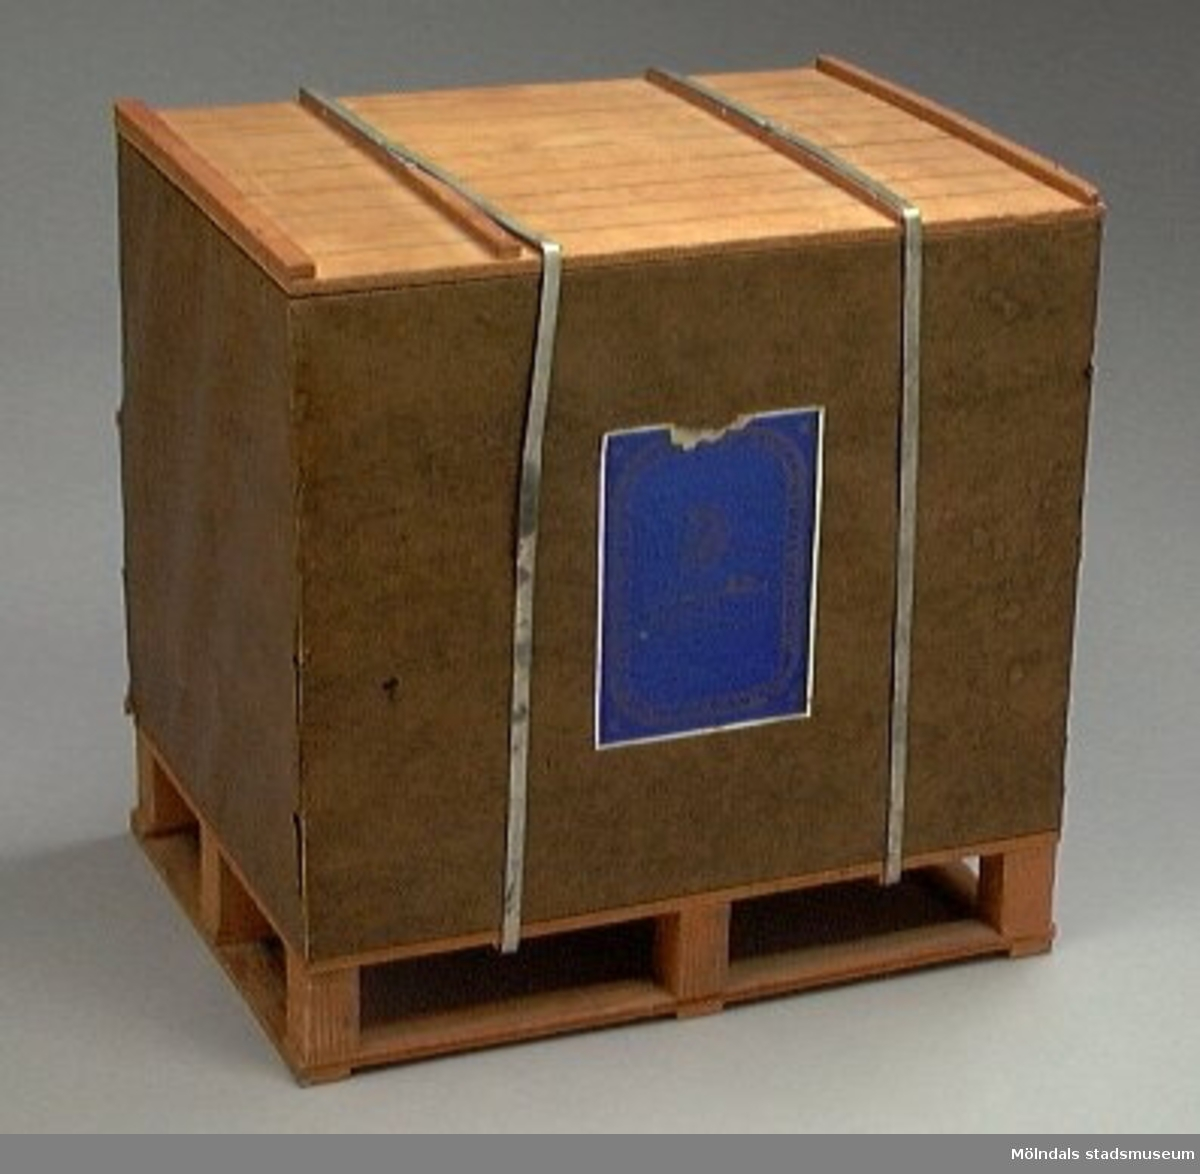 Pappersbalsmodell. Förminskad kopia av en pappersbal från AB Papyrus. Metallen är aluminium. Handgjord.